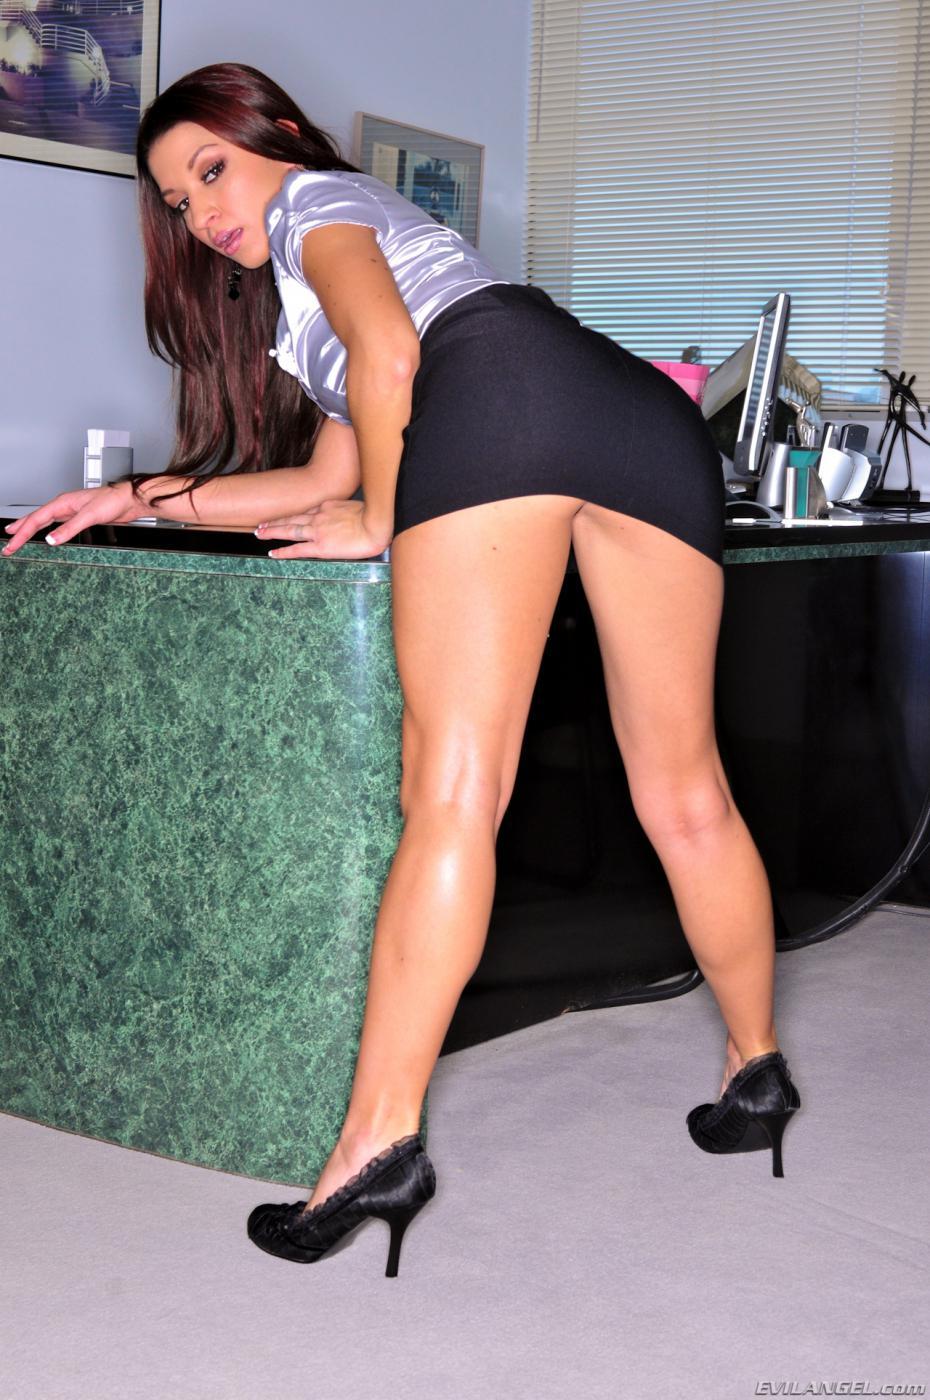 Сексуальная латинская девушка в кабинете Ann Marie поворачивается задницей к камере и блистает себя в трусиках и без них